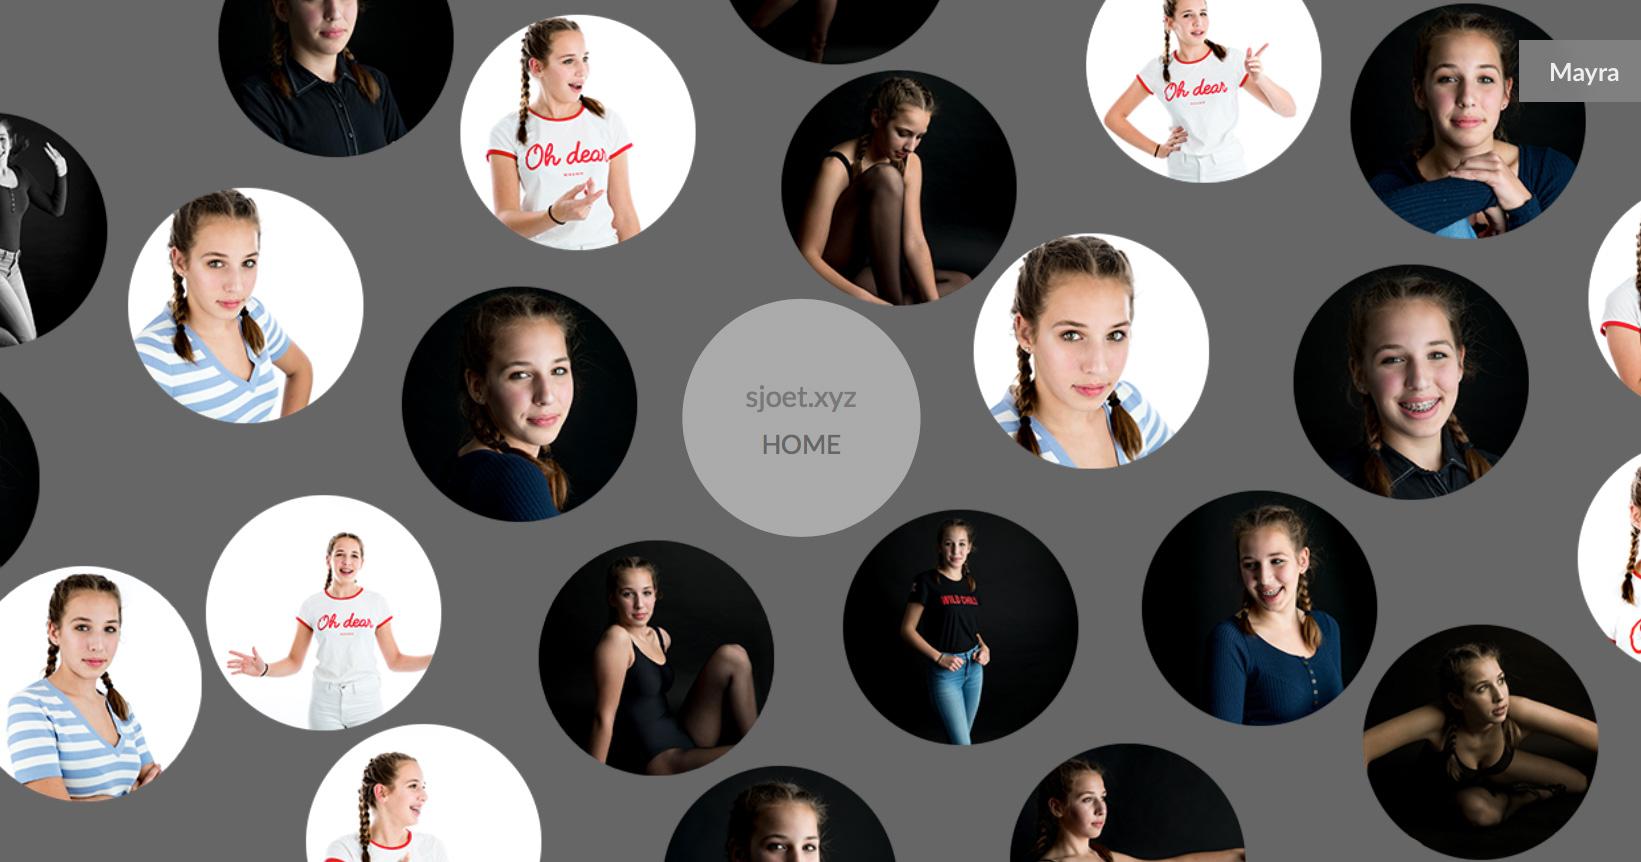 Mayra de Bruijn | Sjoet.xyz